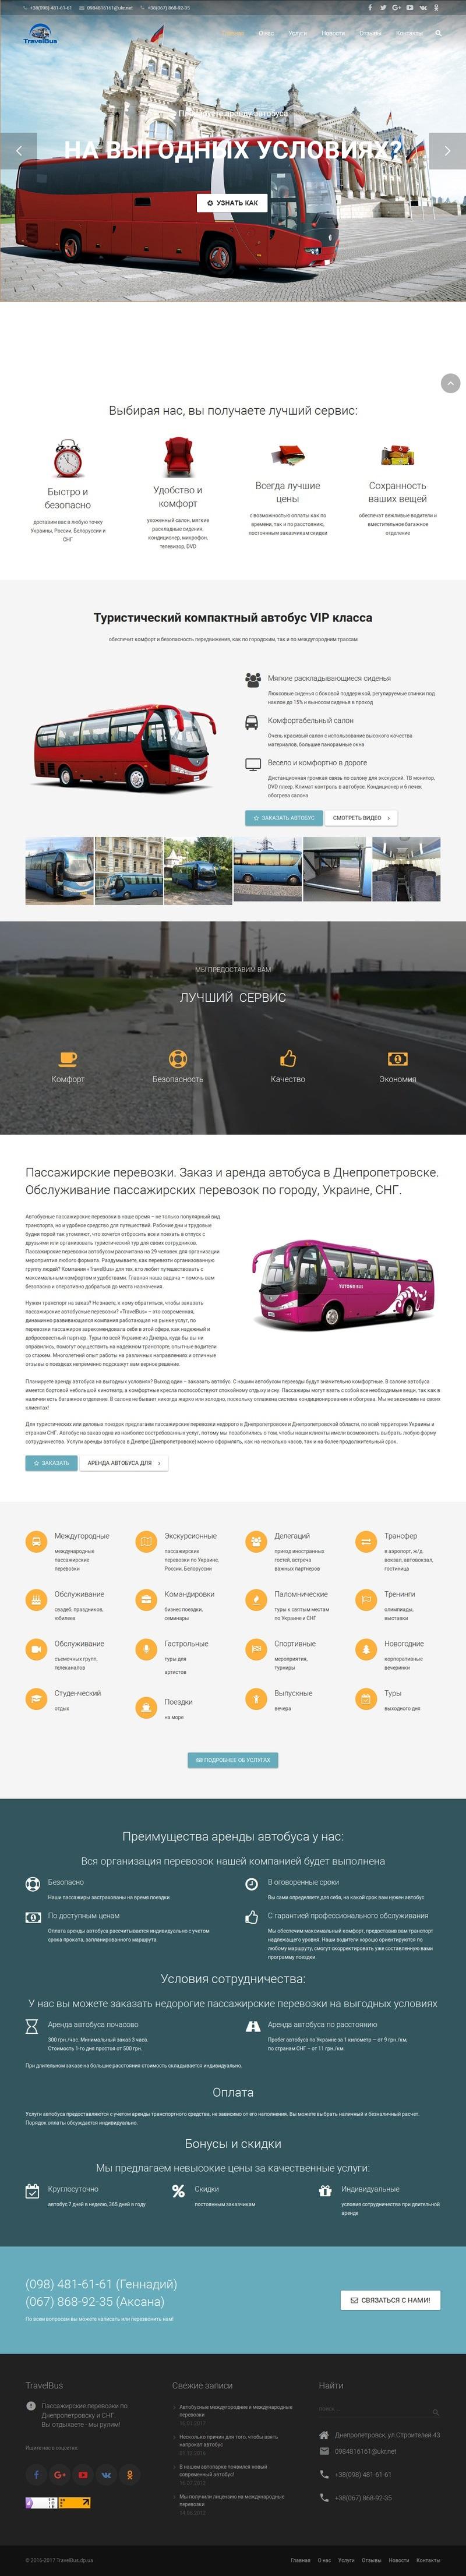 Фото Сайт автобусного пассажирского перевозчика. Полностью с нуля создание, SEO-оптимизация, написание SEO-текстов и продвижение. 2 недели на разработку и 2 недели на внедрение.